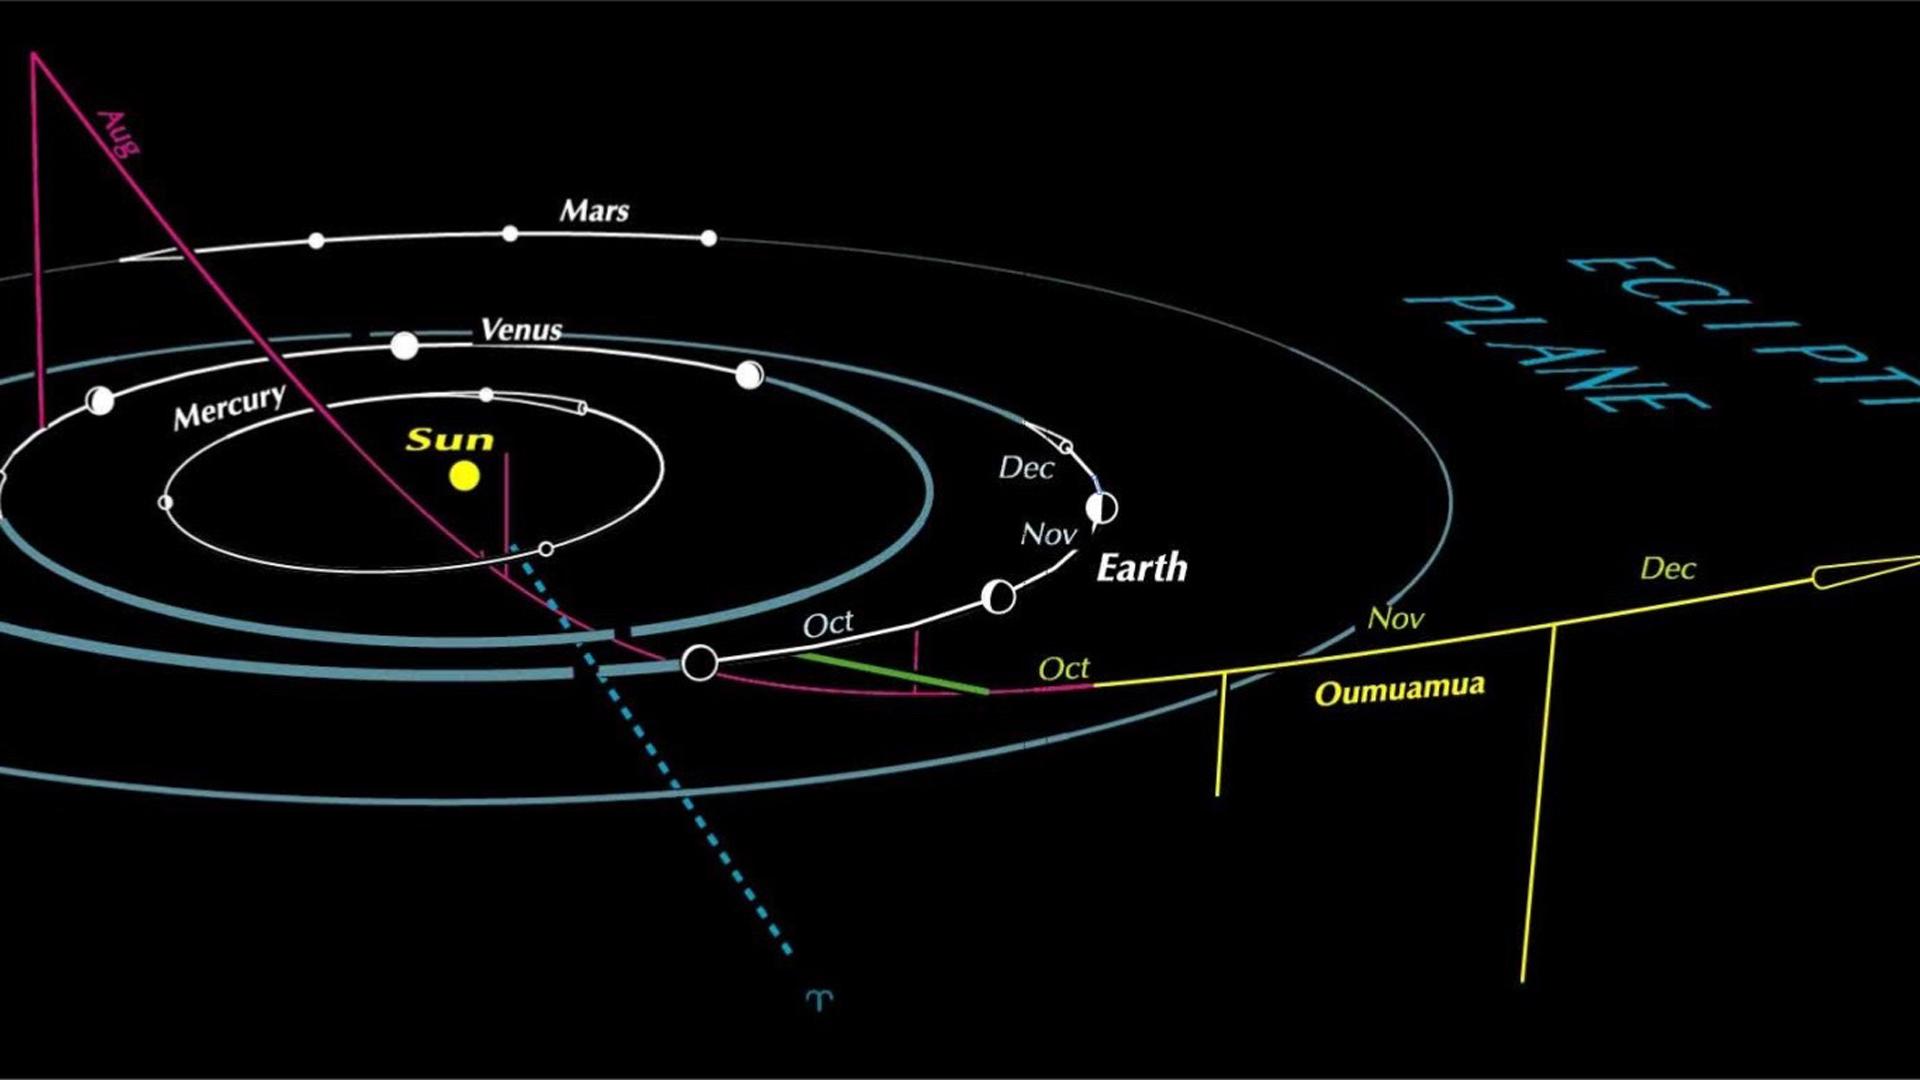 Oumuamua (oh-MOO-ah-MOO-ah), es el primer objeto interestelar conocido en viajar a través de nuestro sistema solar